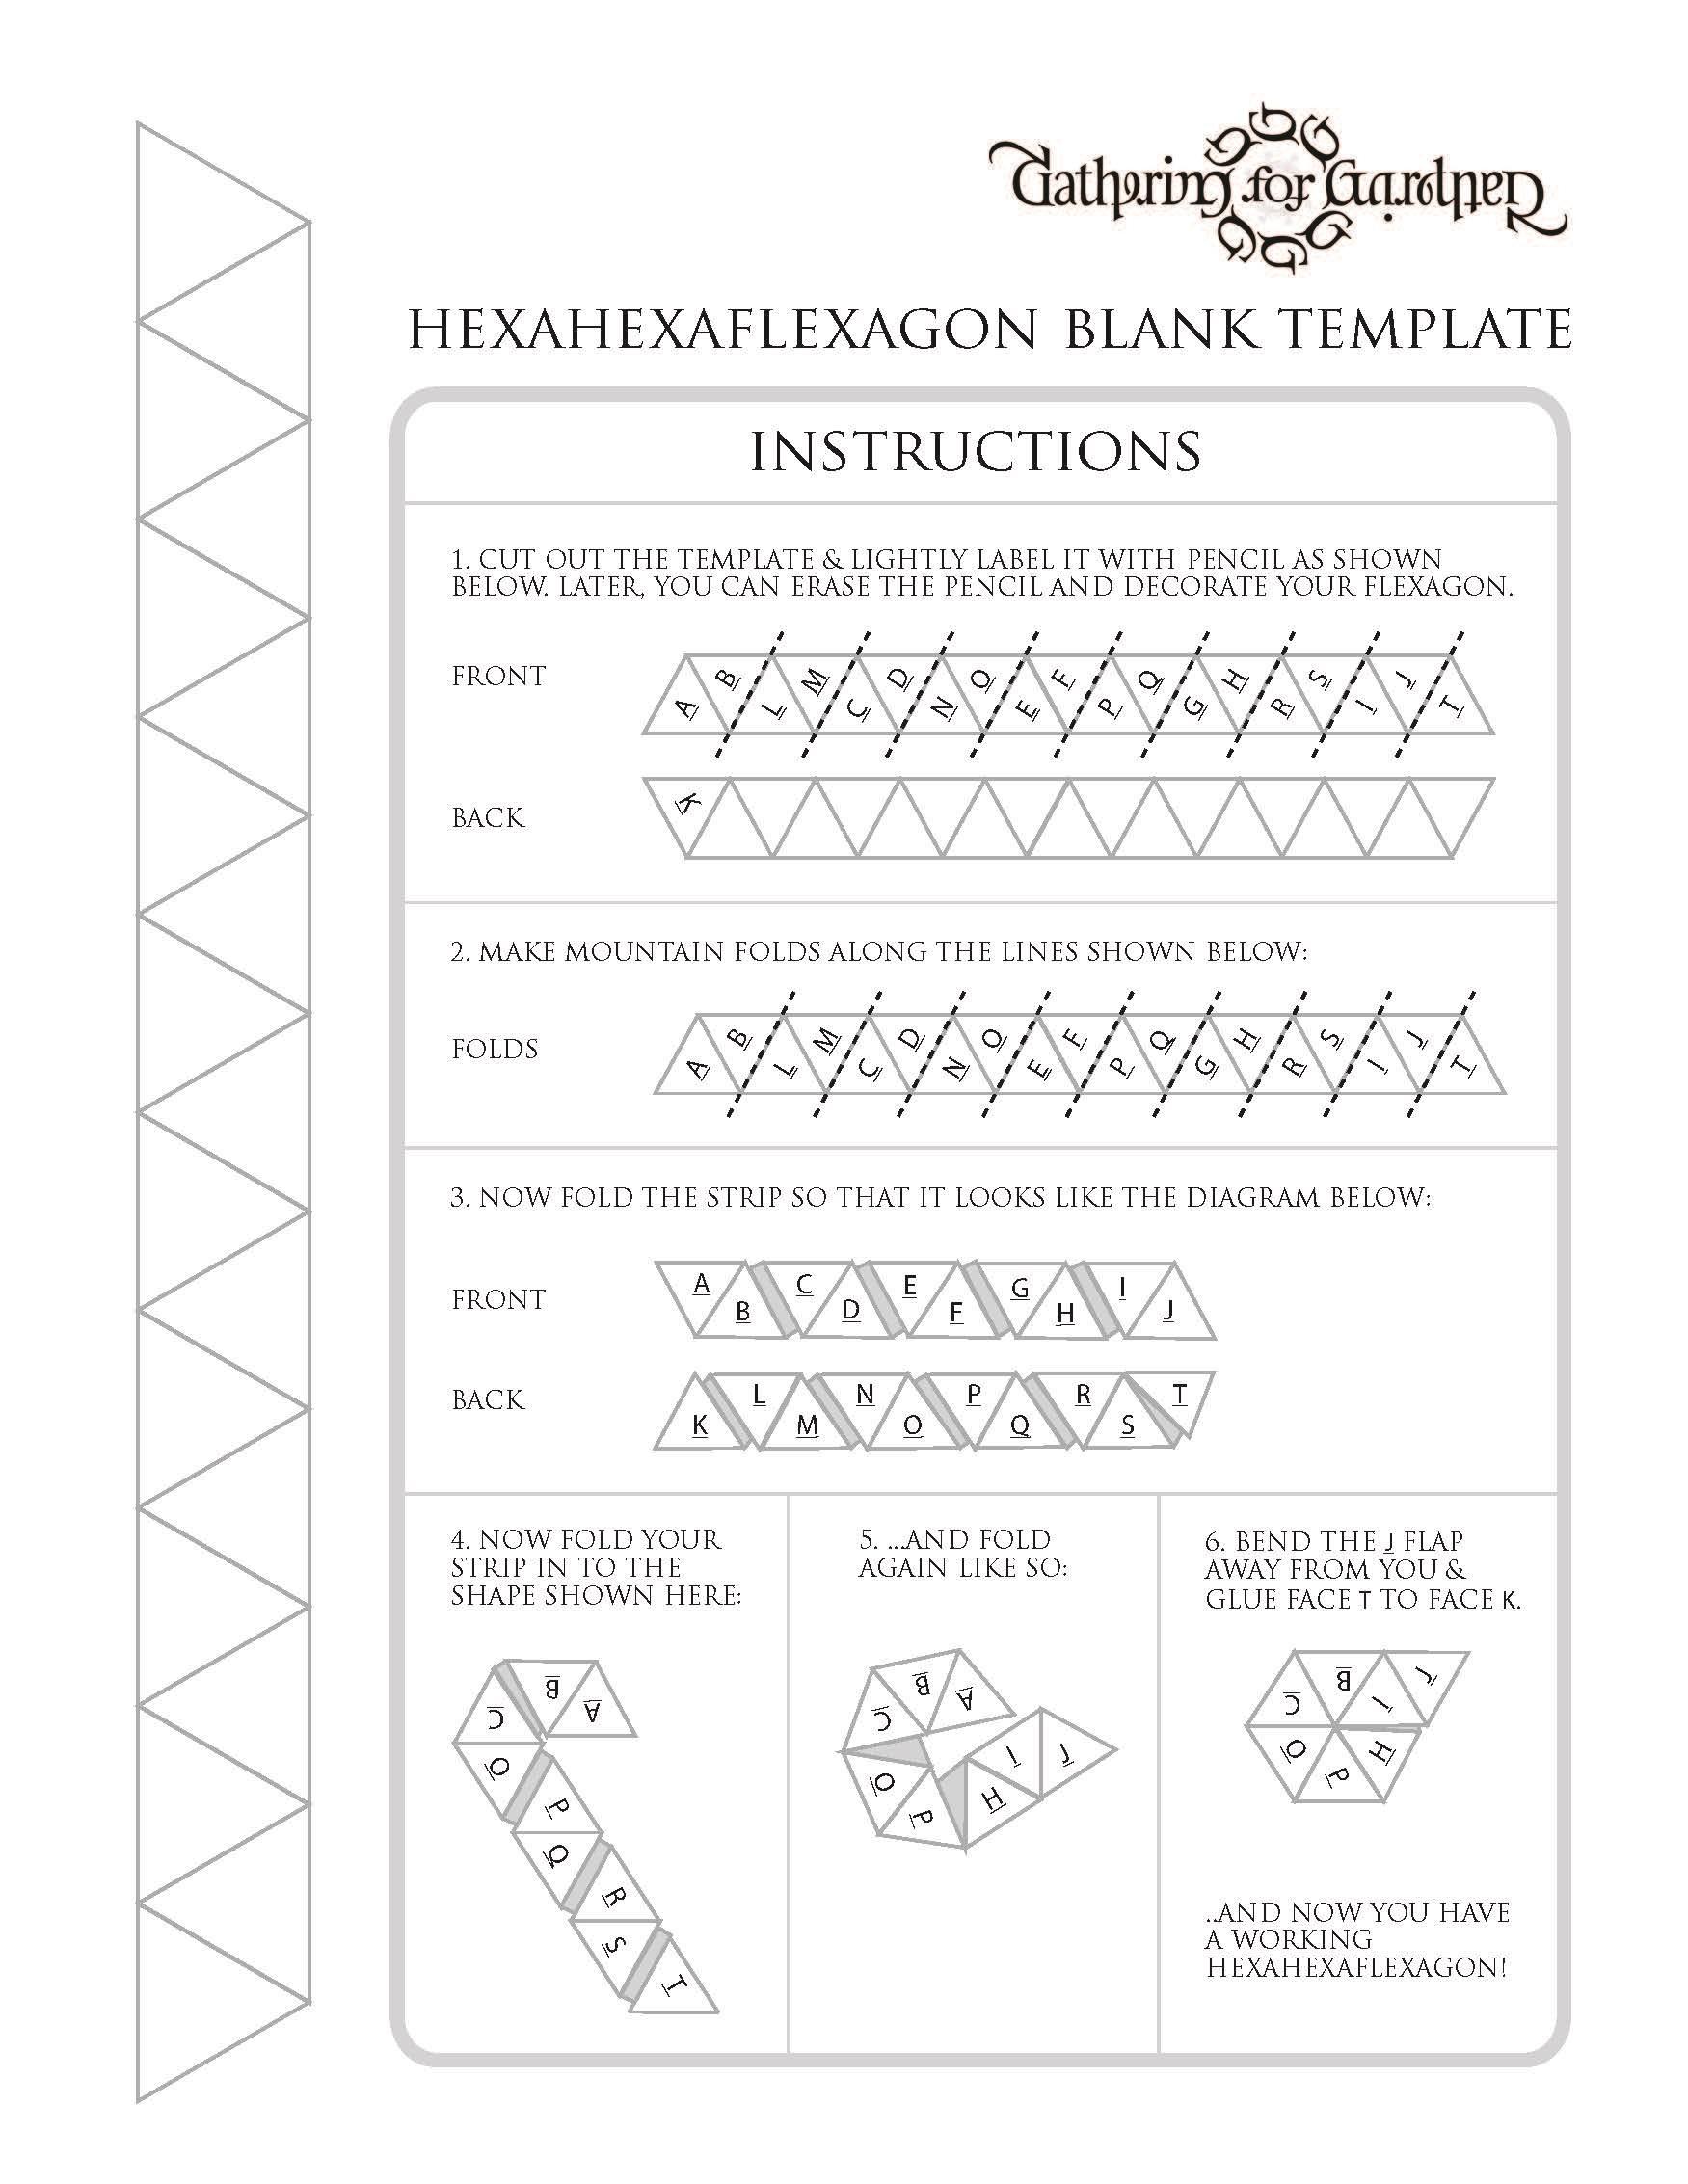 Leader Resource 1 Hexaflexagon Template and Instructions – Hexaflexagon Template